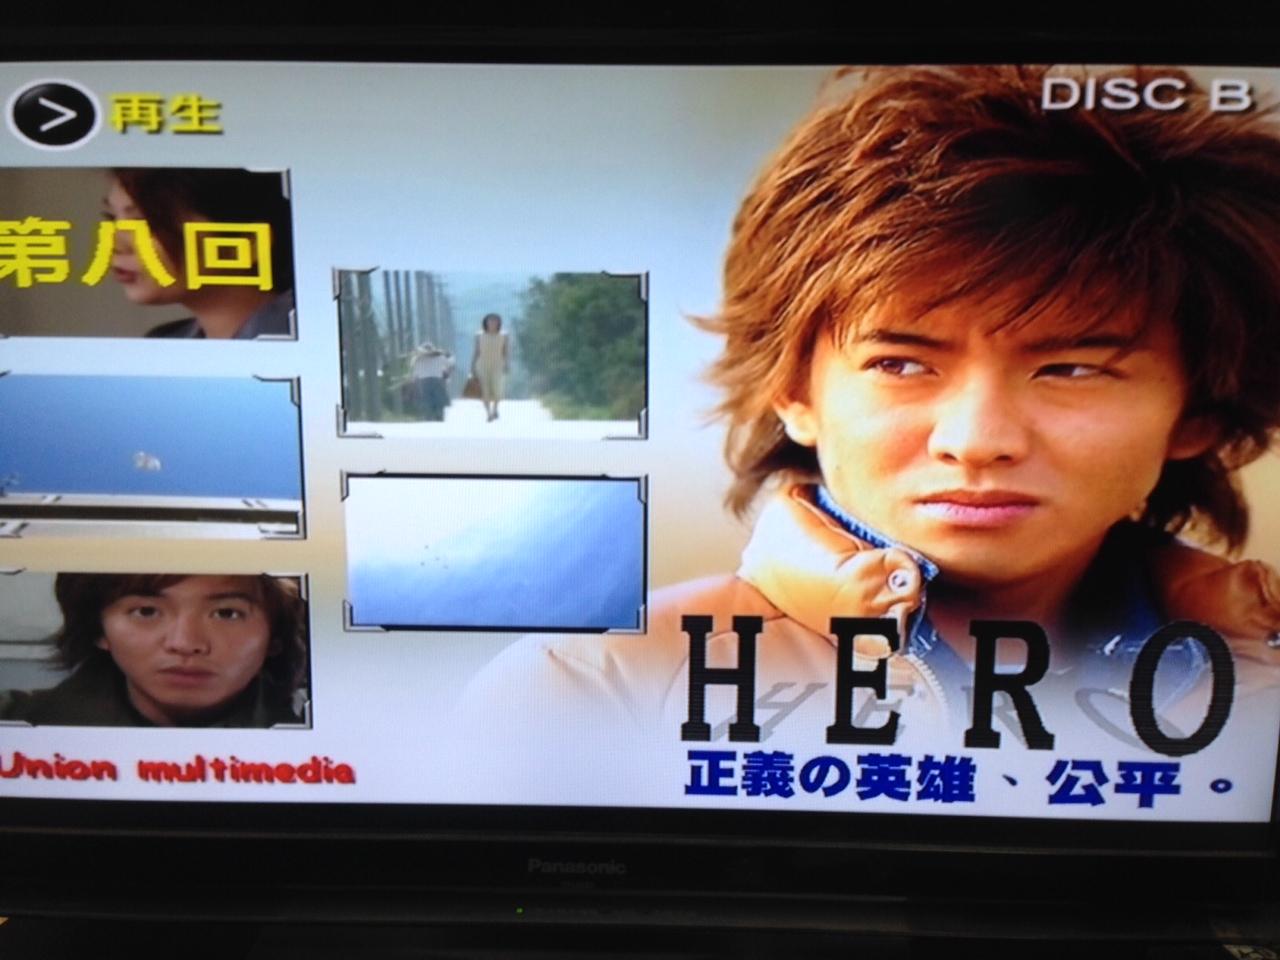 HERO (テレビドラマ)の画像 p1_34